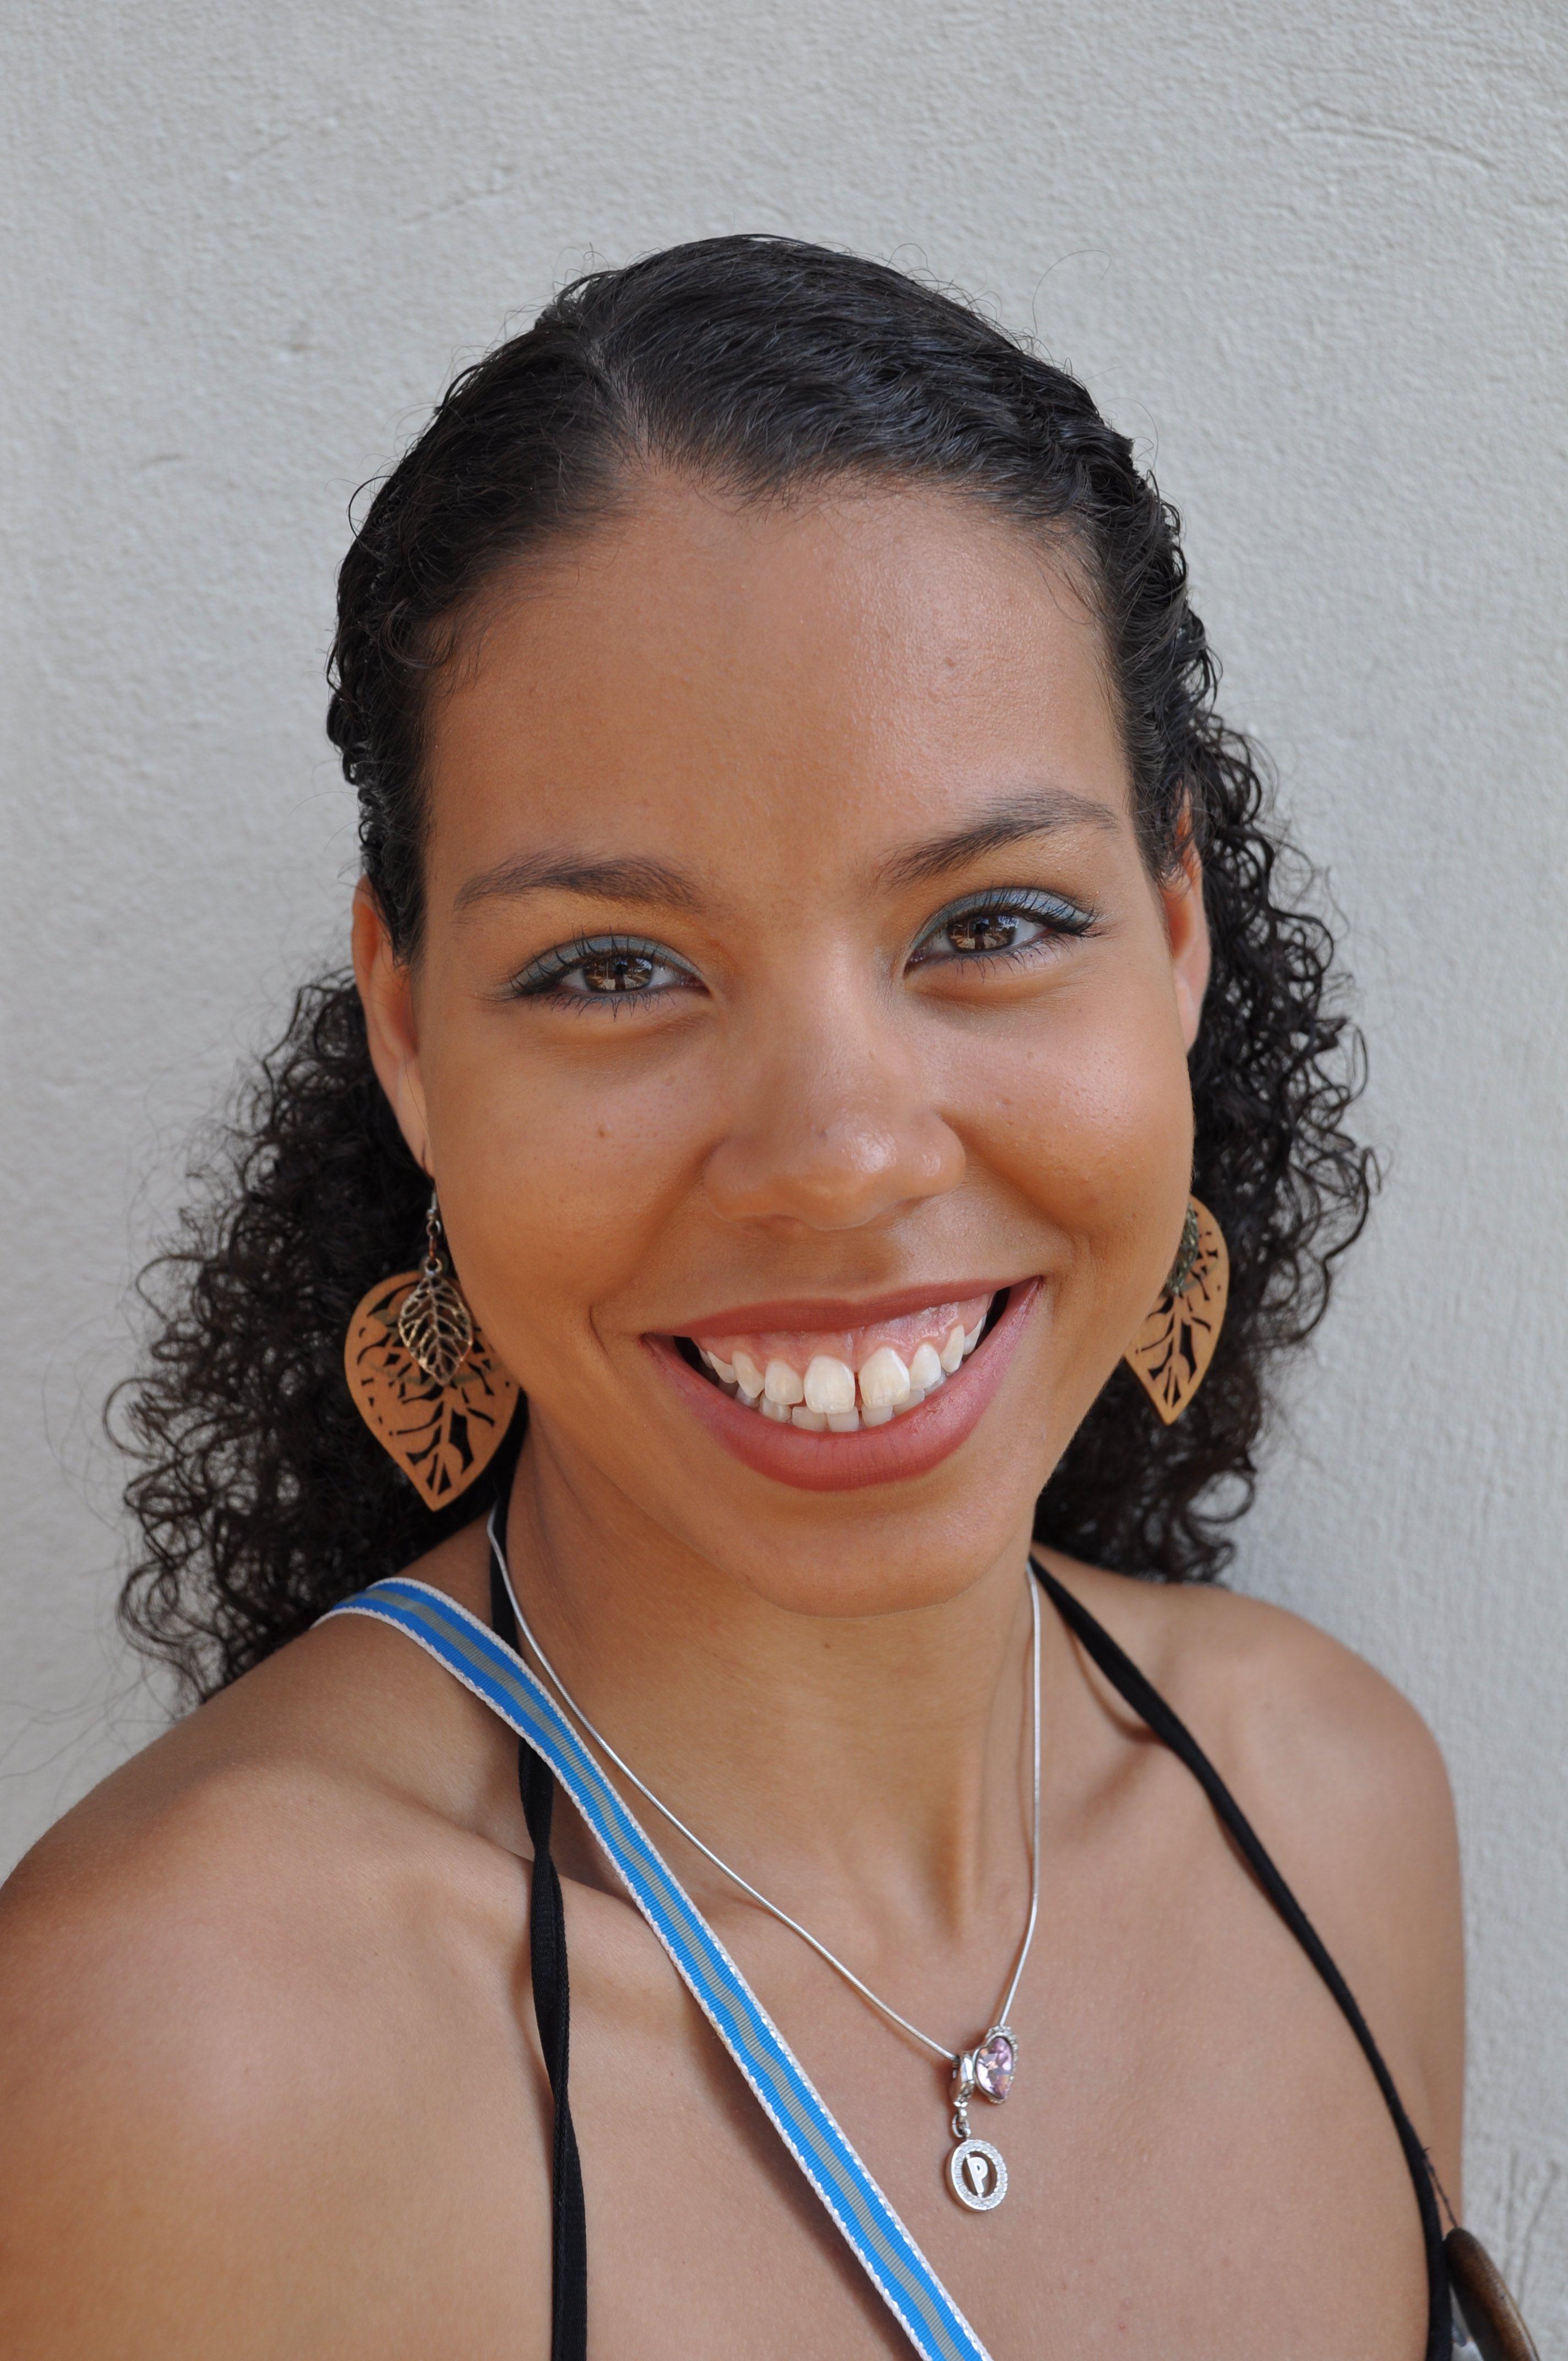 Henriques Priscilla